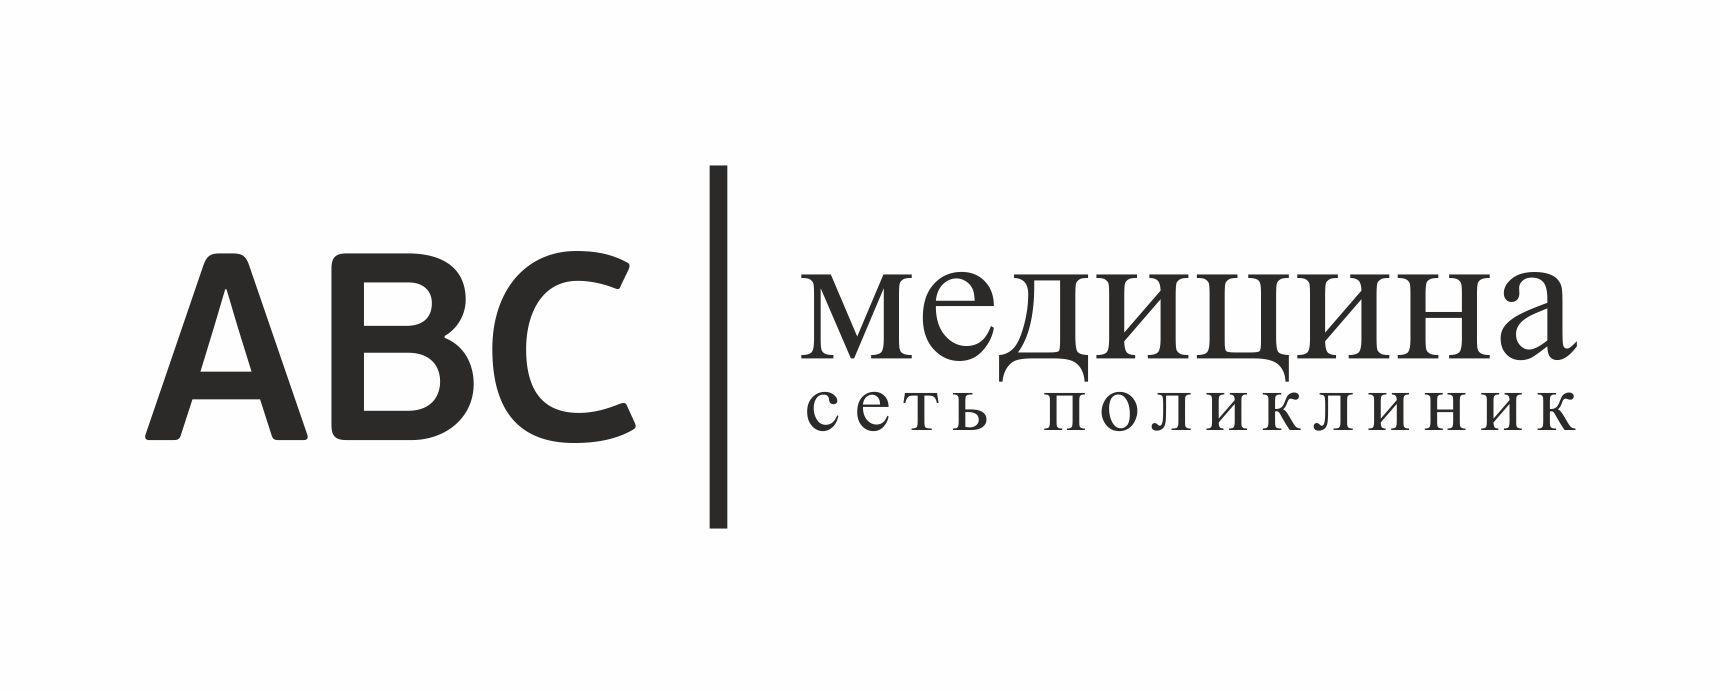 ABC медицина в Балашихе